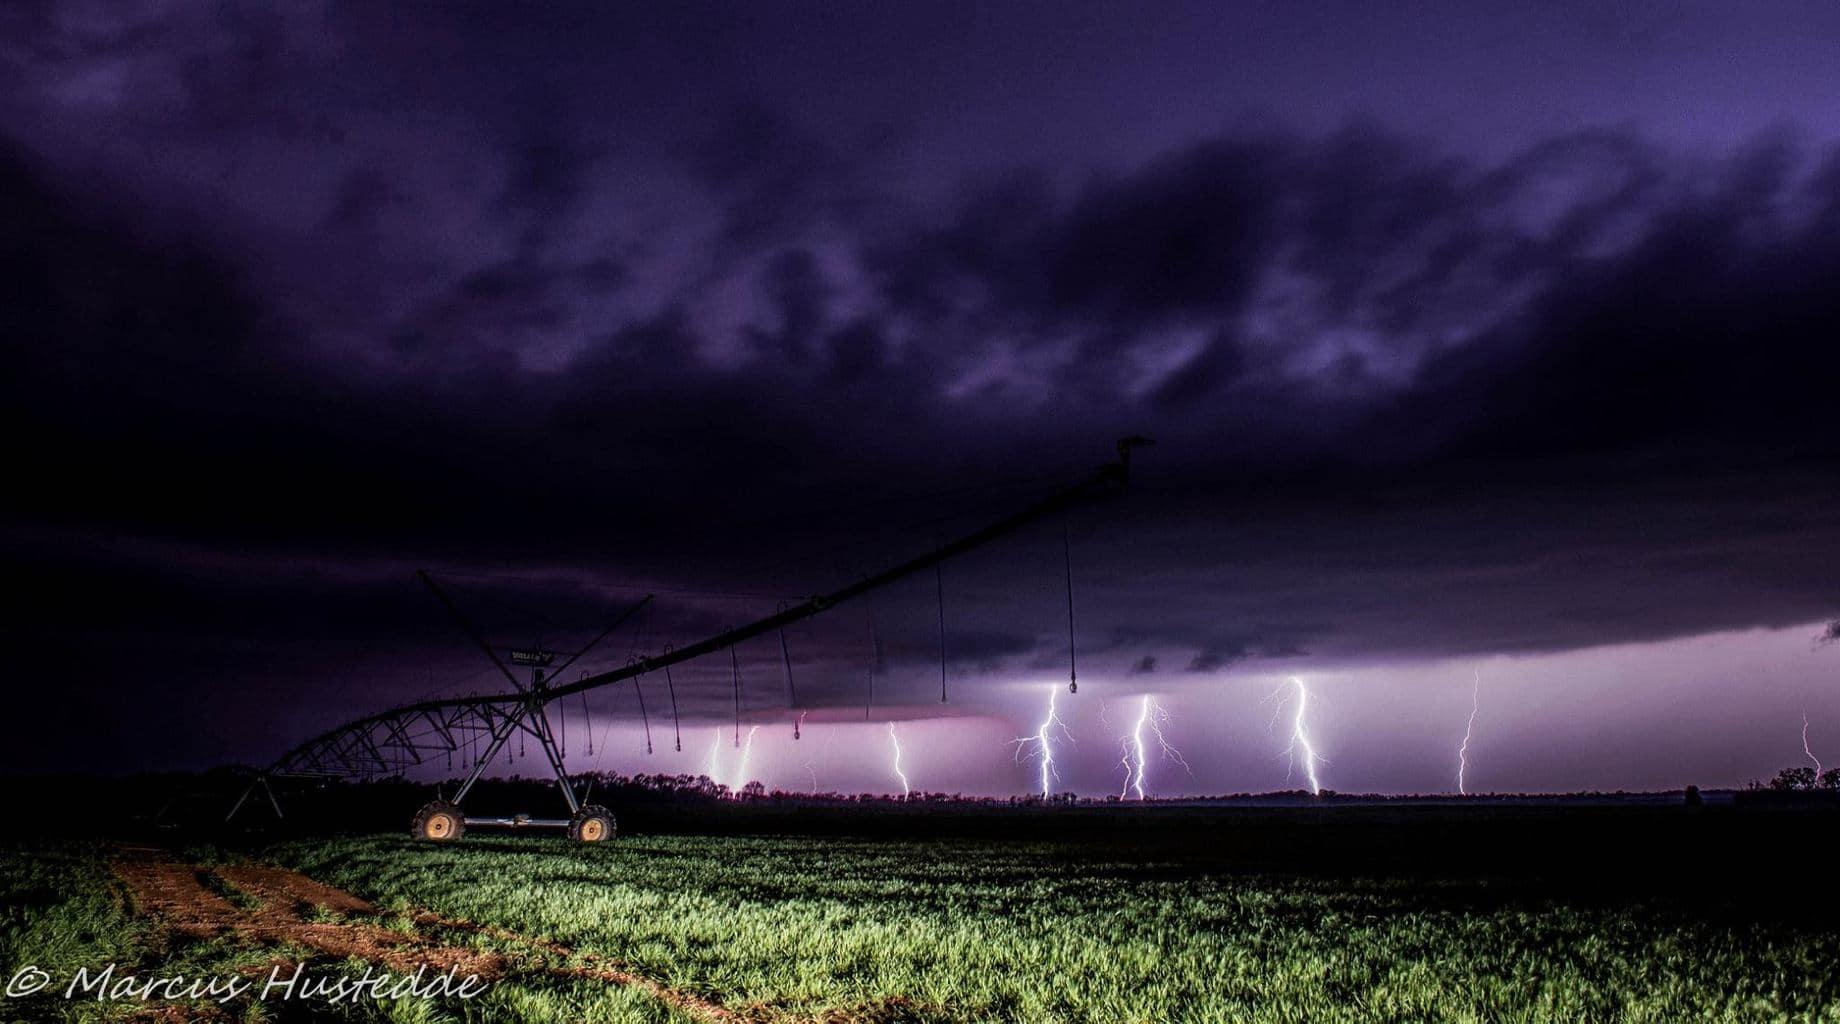 3 image lightning stack west of Huntsville, AL last week